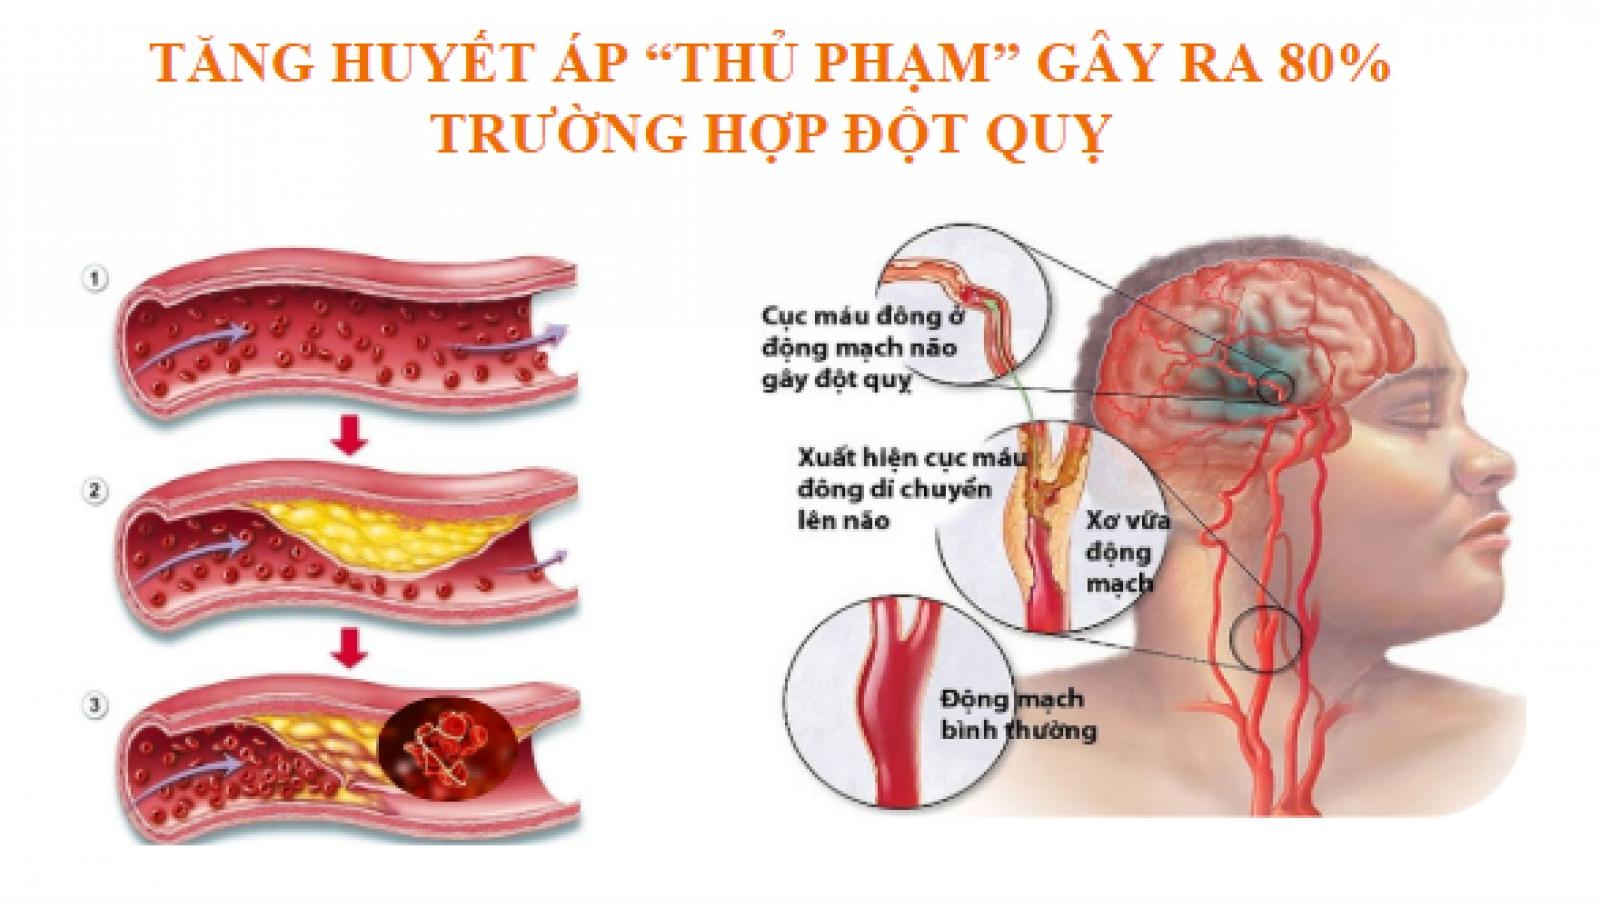 Trên 80% người bị tăng huyết áp ở Việt Nam chưa được điều trị